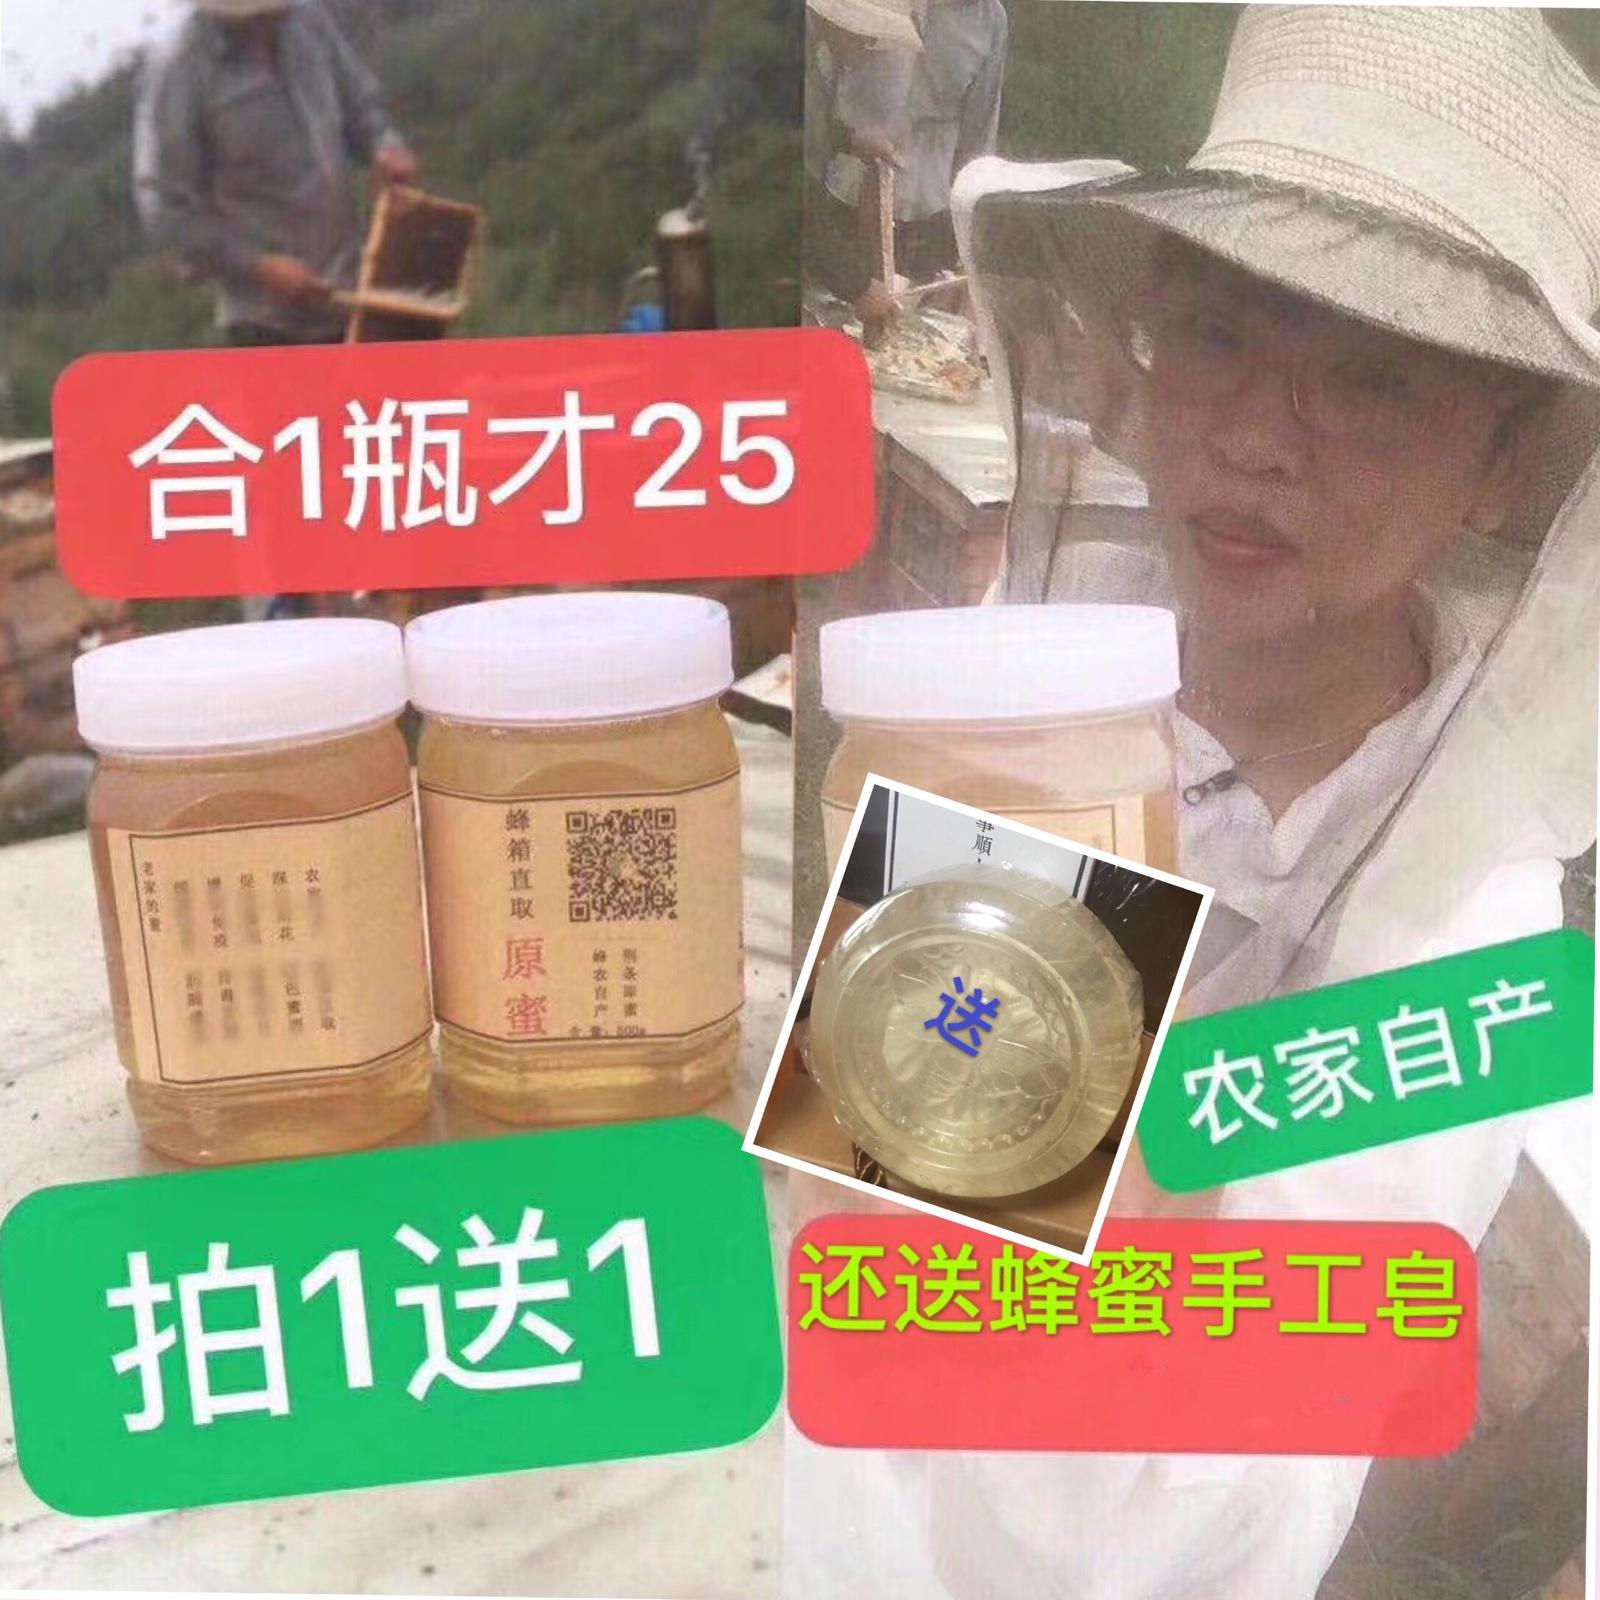 [买一赠一]纯正农家荆条蜜蜂箱满50.00元可用1元优惠券